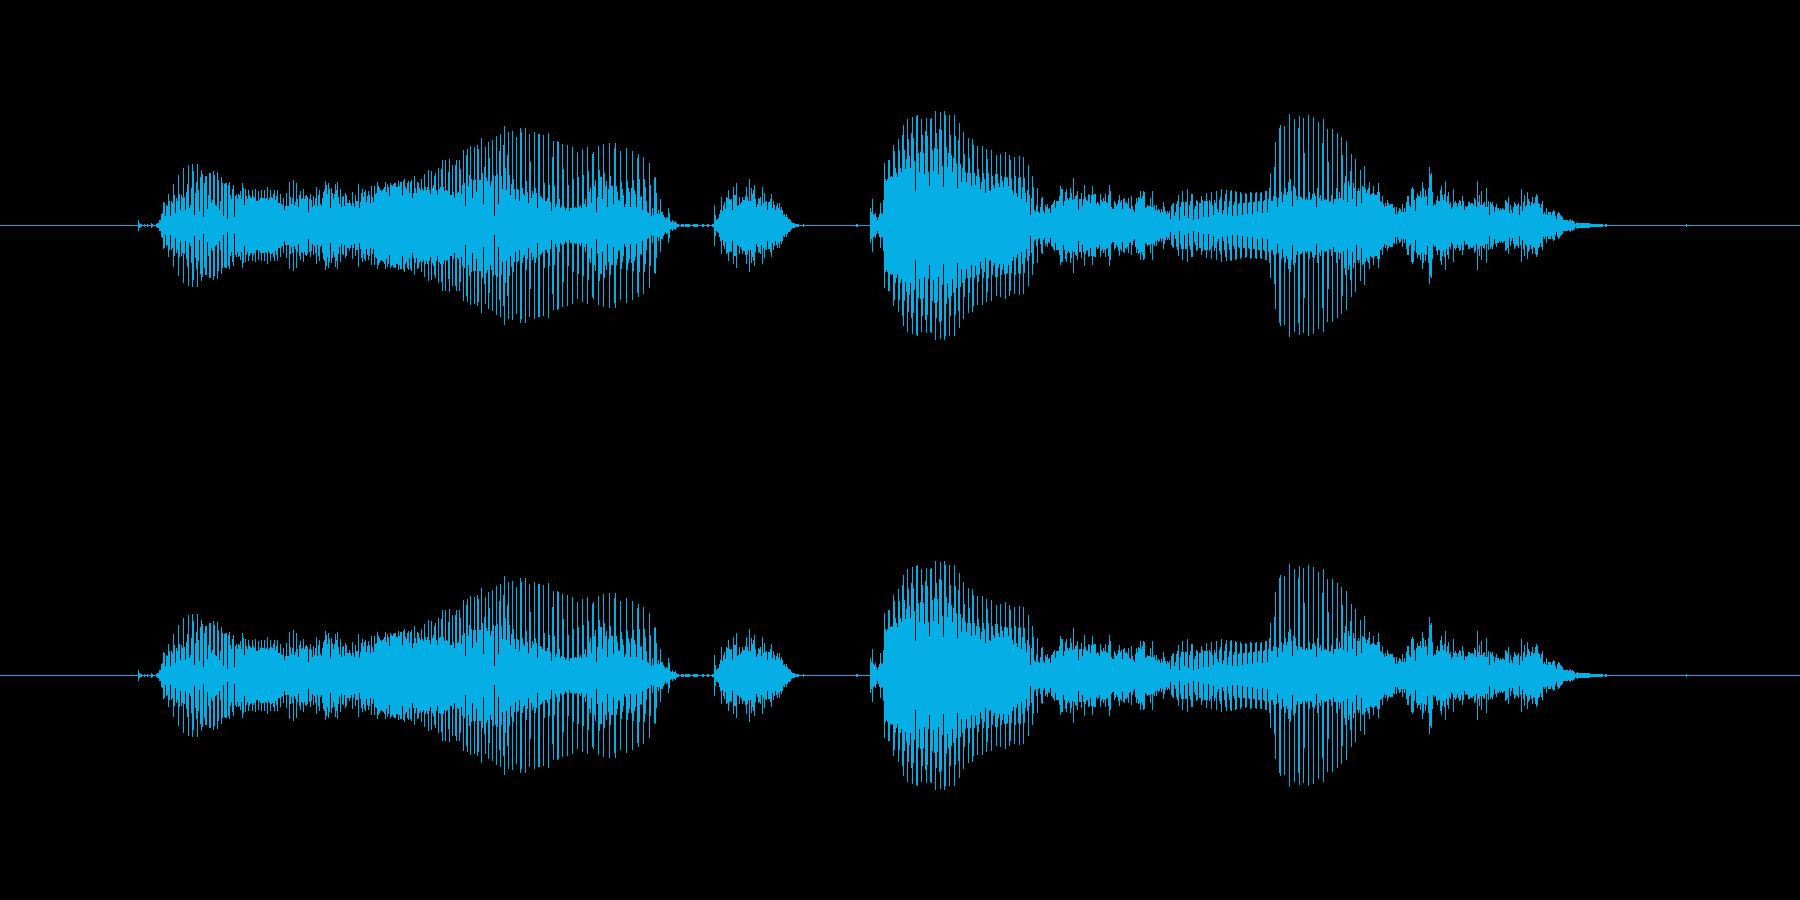 【時報・時間】2時をお伝えしますの再生済みの波形